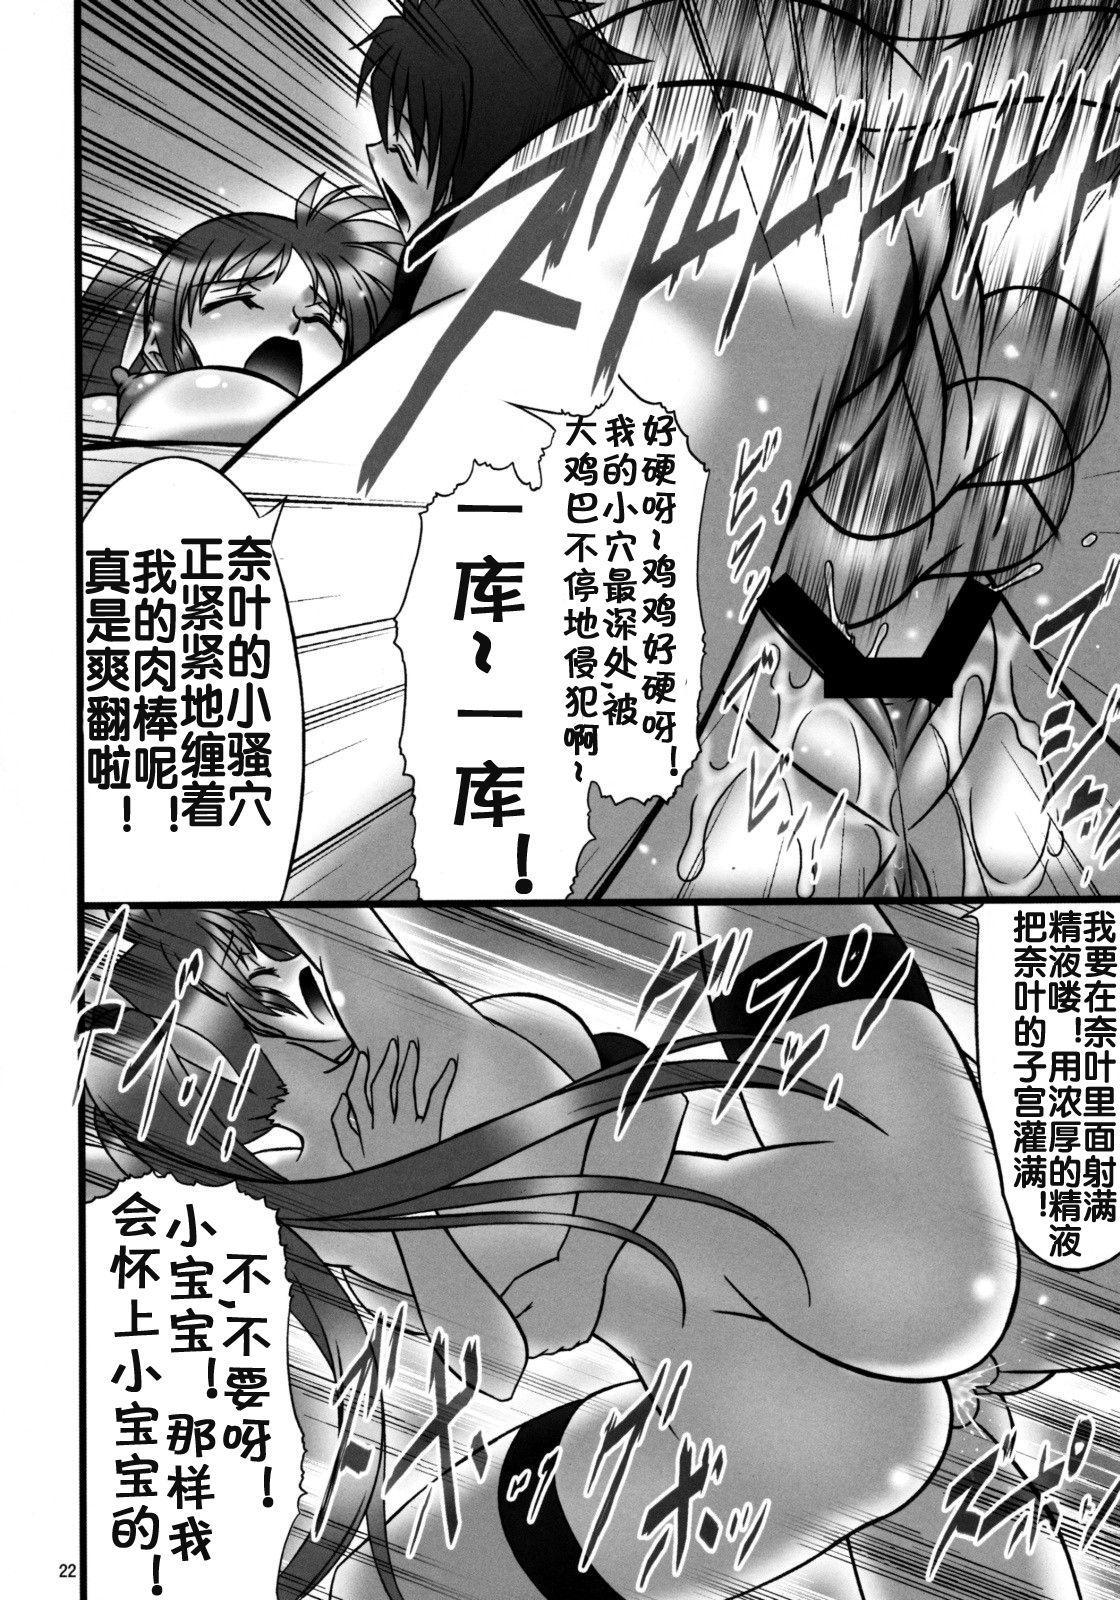 Angel's stroke 22 Datenshi Gekitsui 22